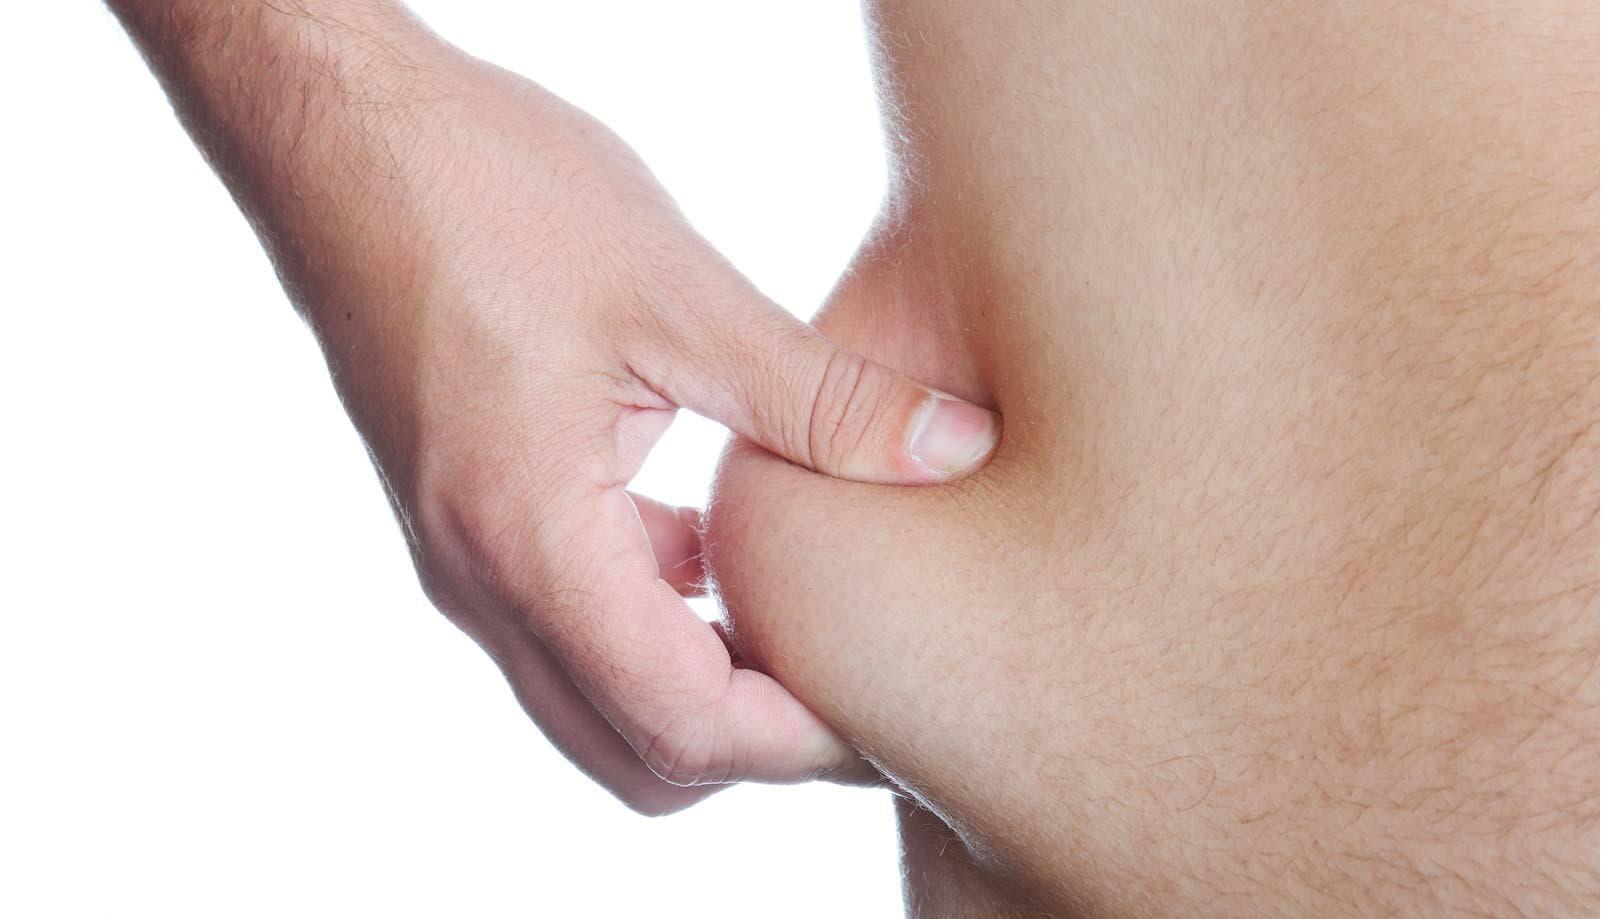 Debes deshacerte de la piel suelta para lucir tu cuerpo